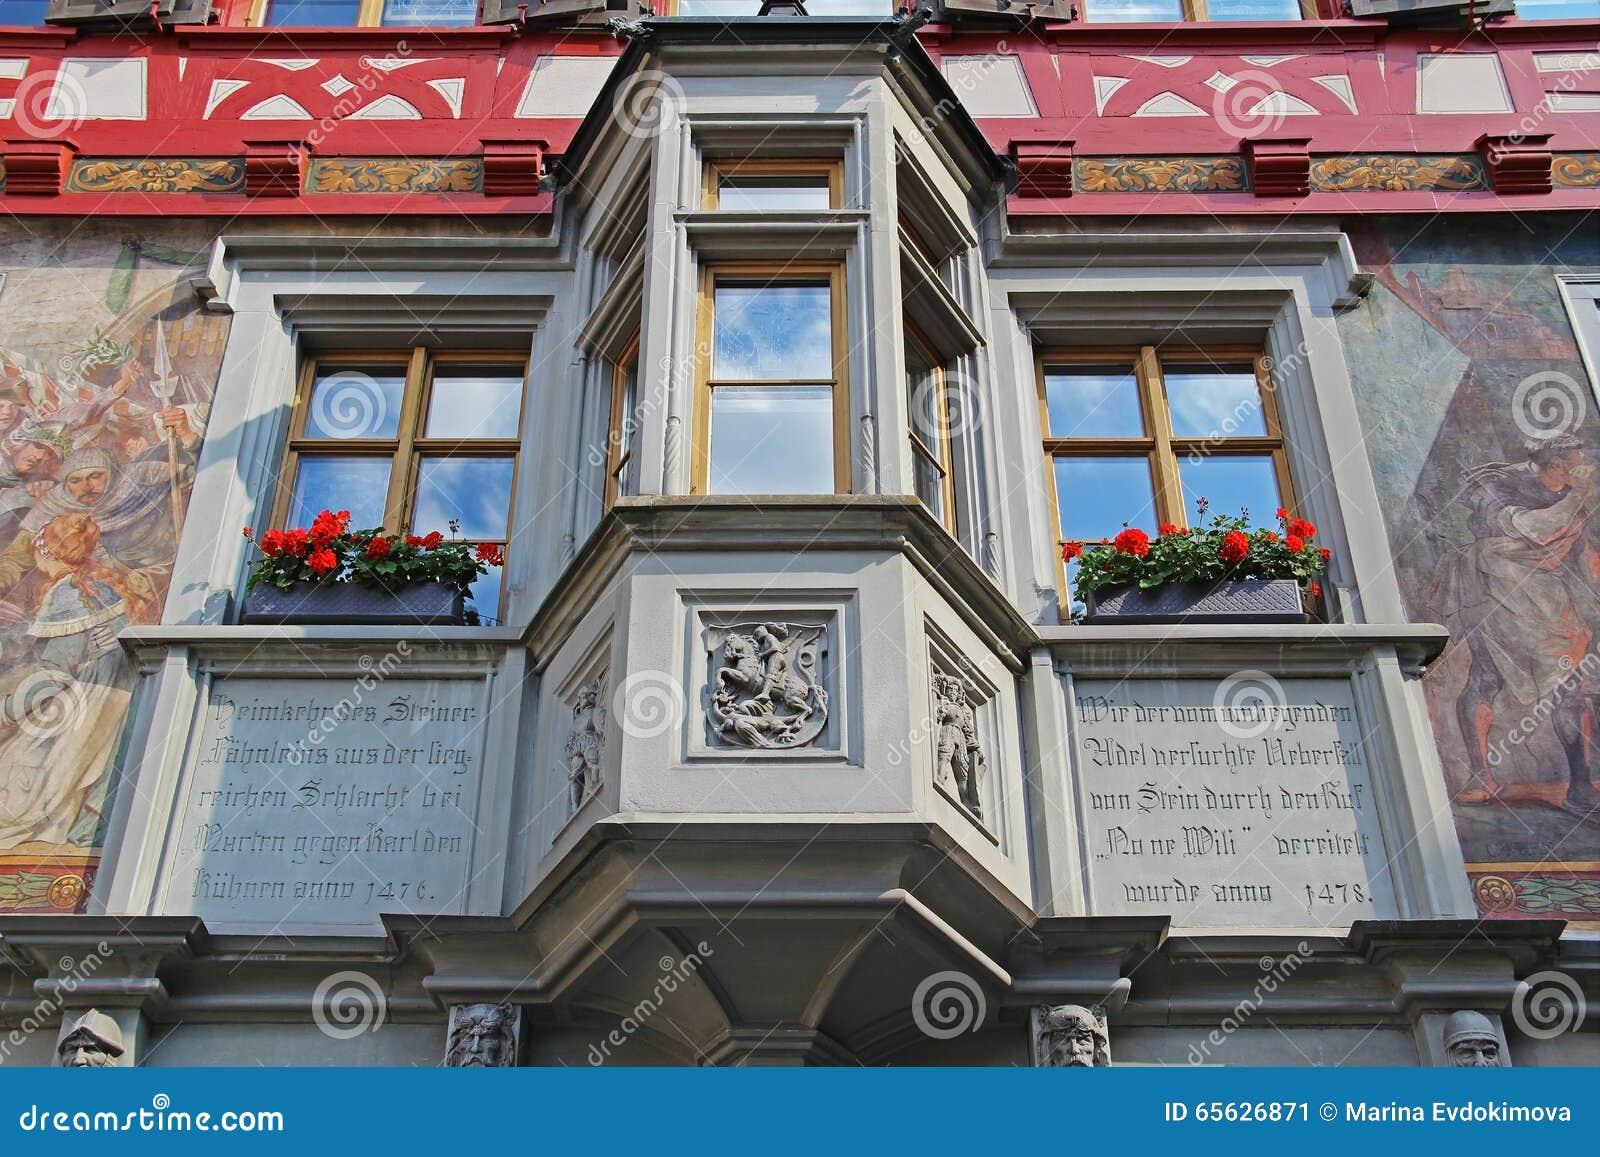 Vues magnifiques des bâtiments du centre Chope en grès-être-rhein, Suisse